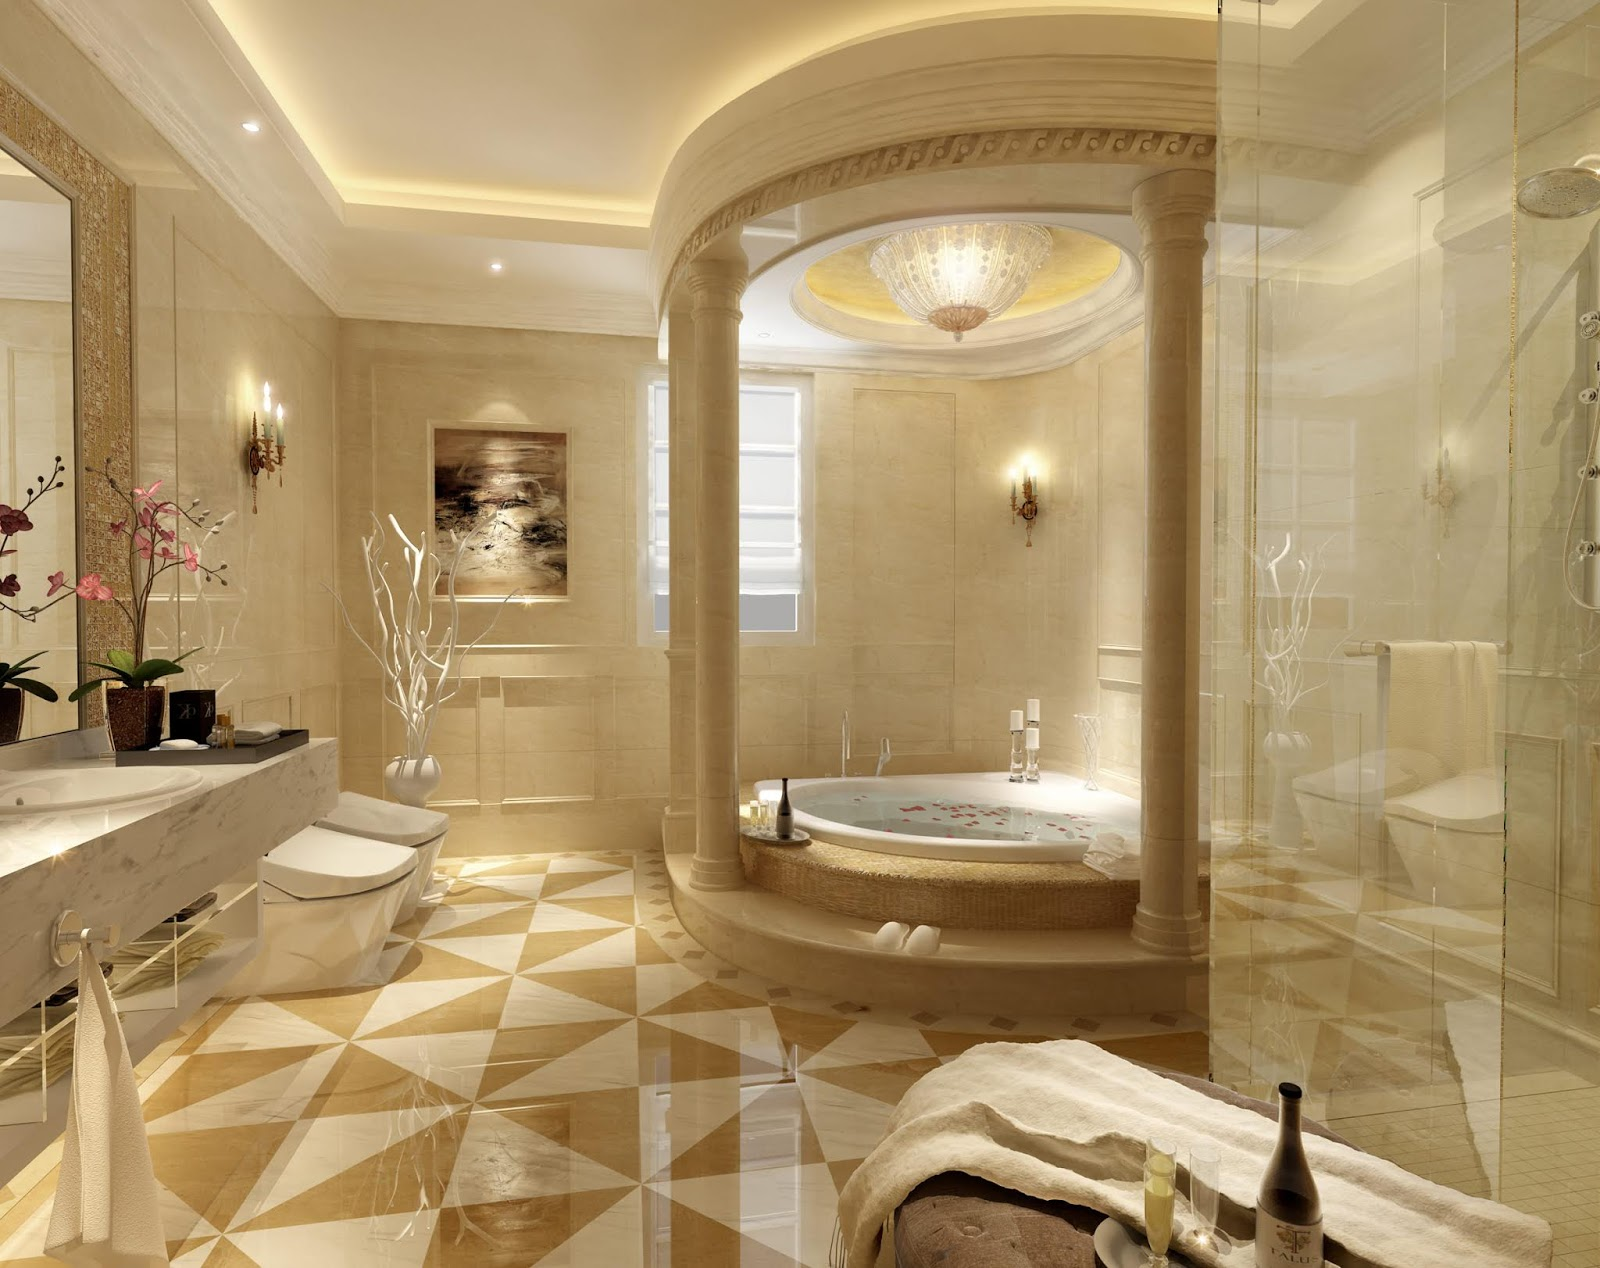 Osmanl motifleriyle dizayn edilmi banyo rnekleri kopmaca for Dos arredamenti